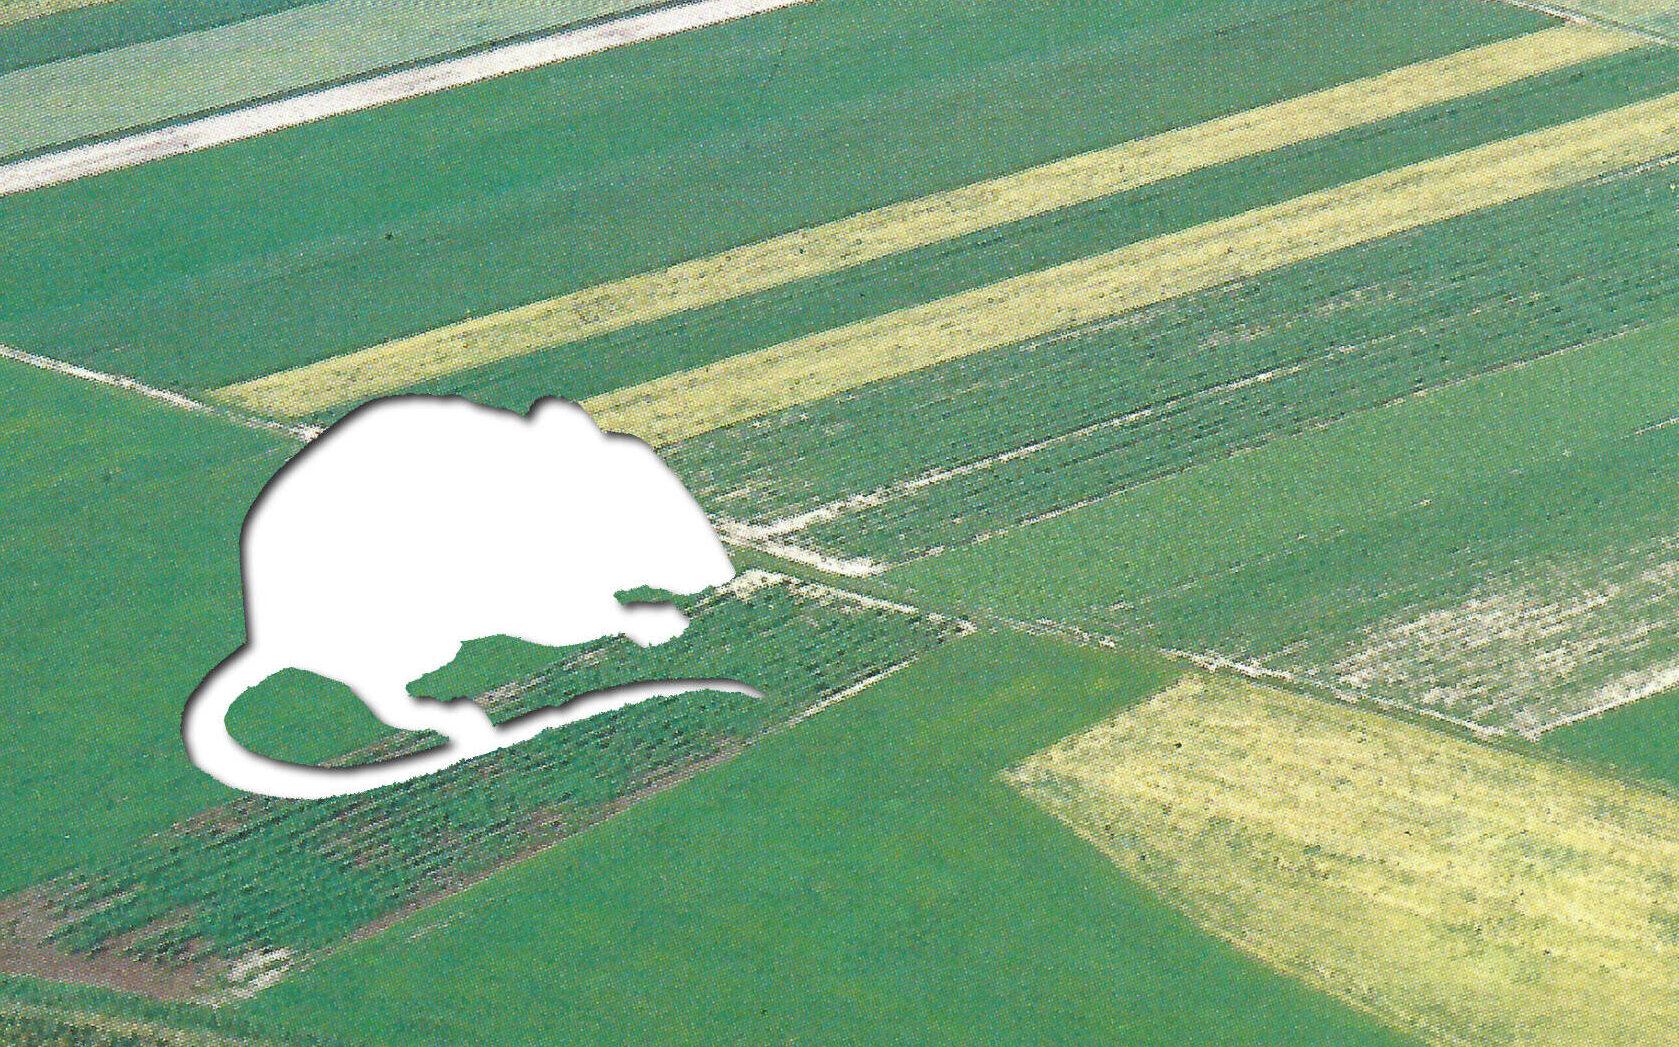 Think Tiger, act Haselmaus! Wie geht es eigentlich den Tieren Schleswig-Holsteins?